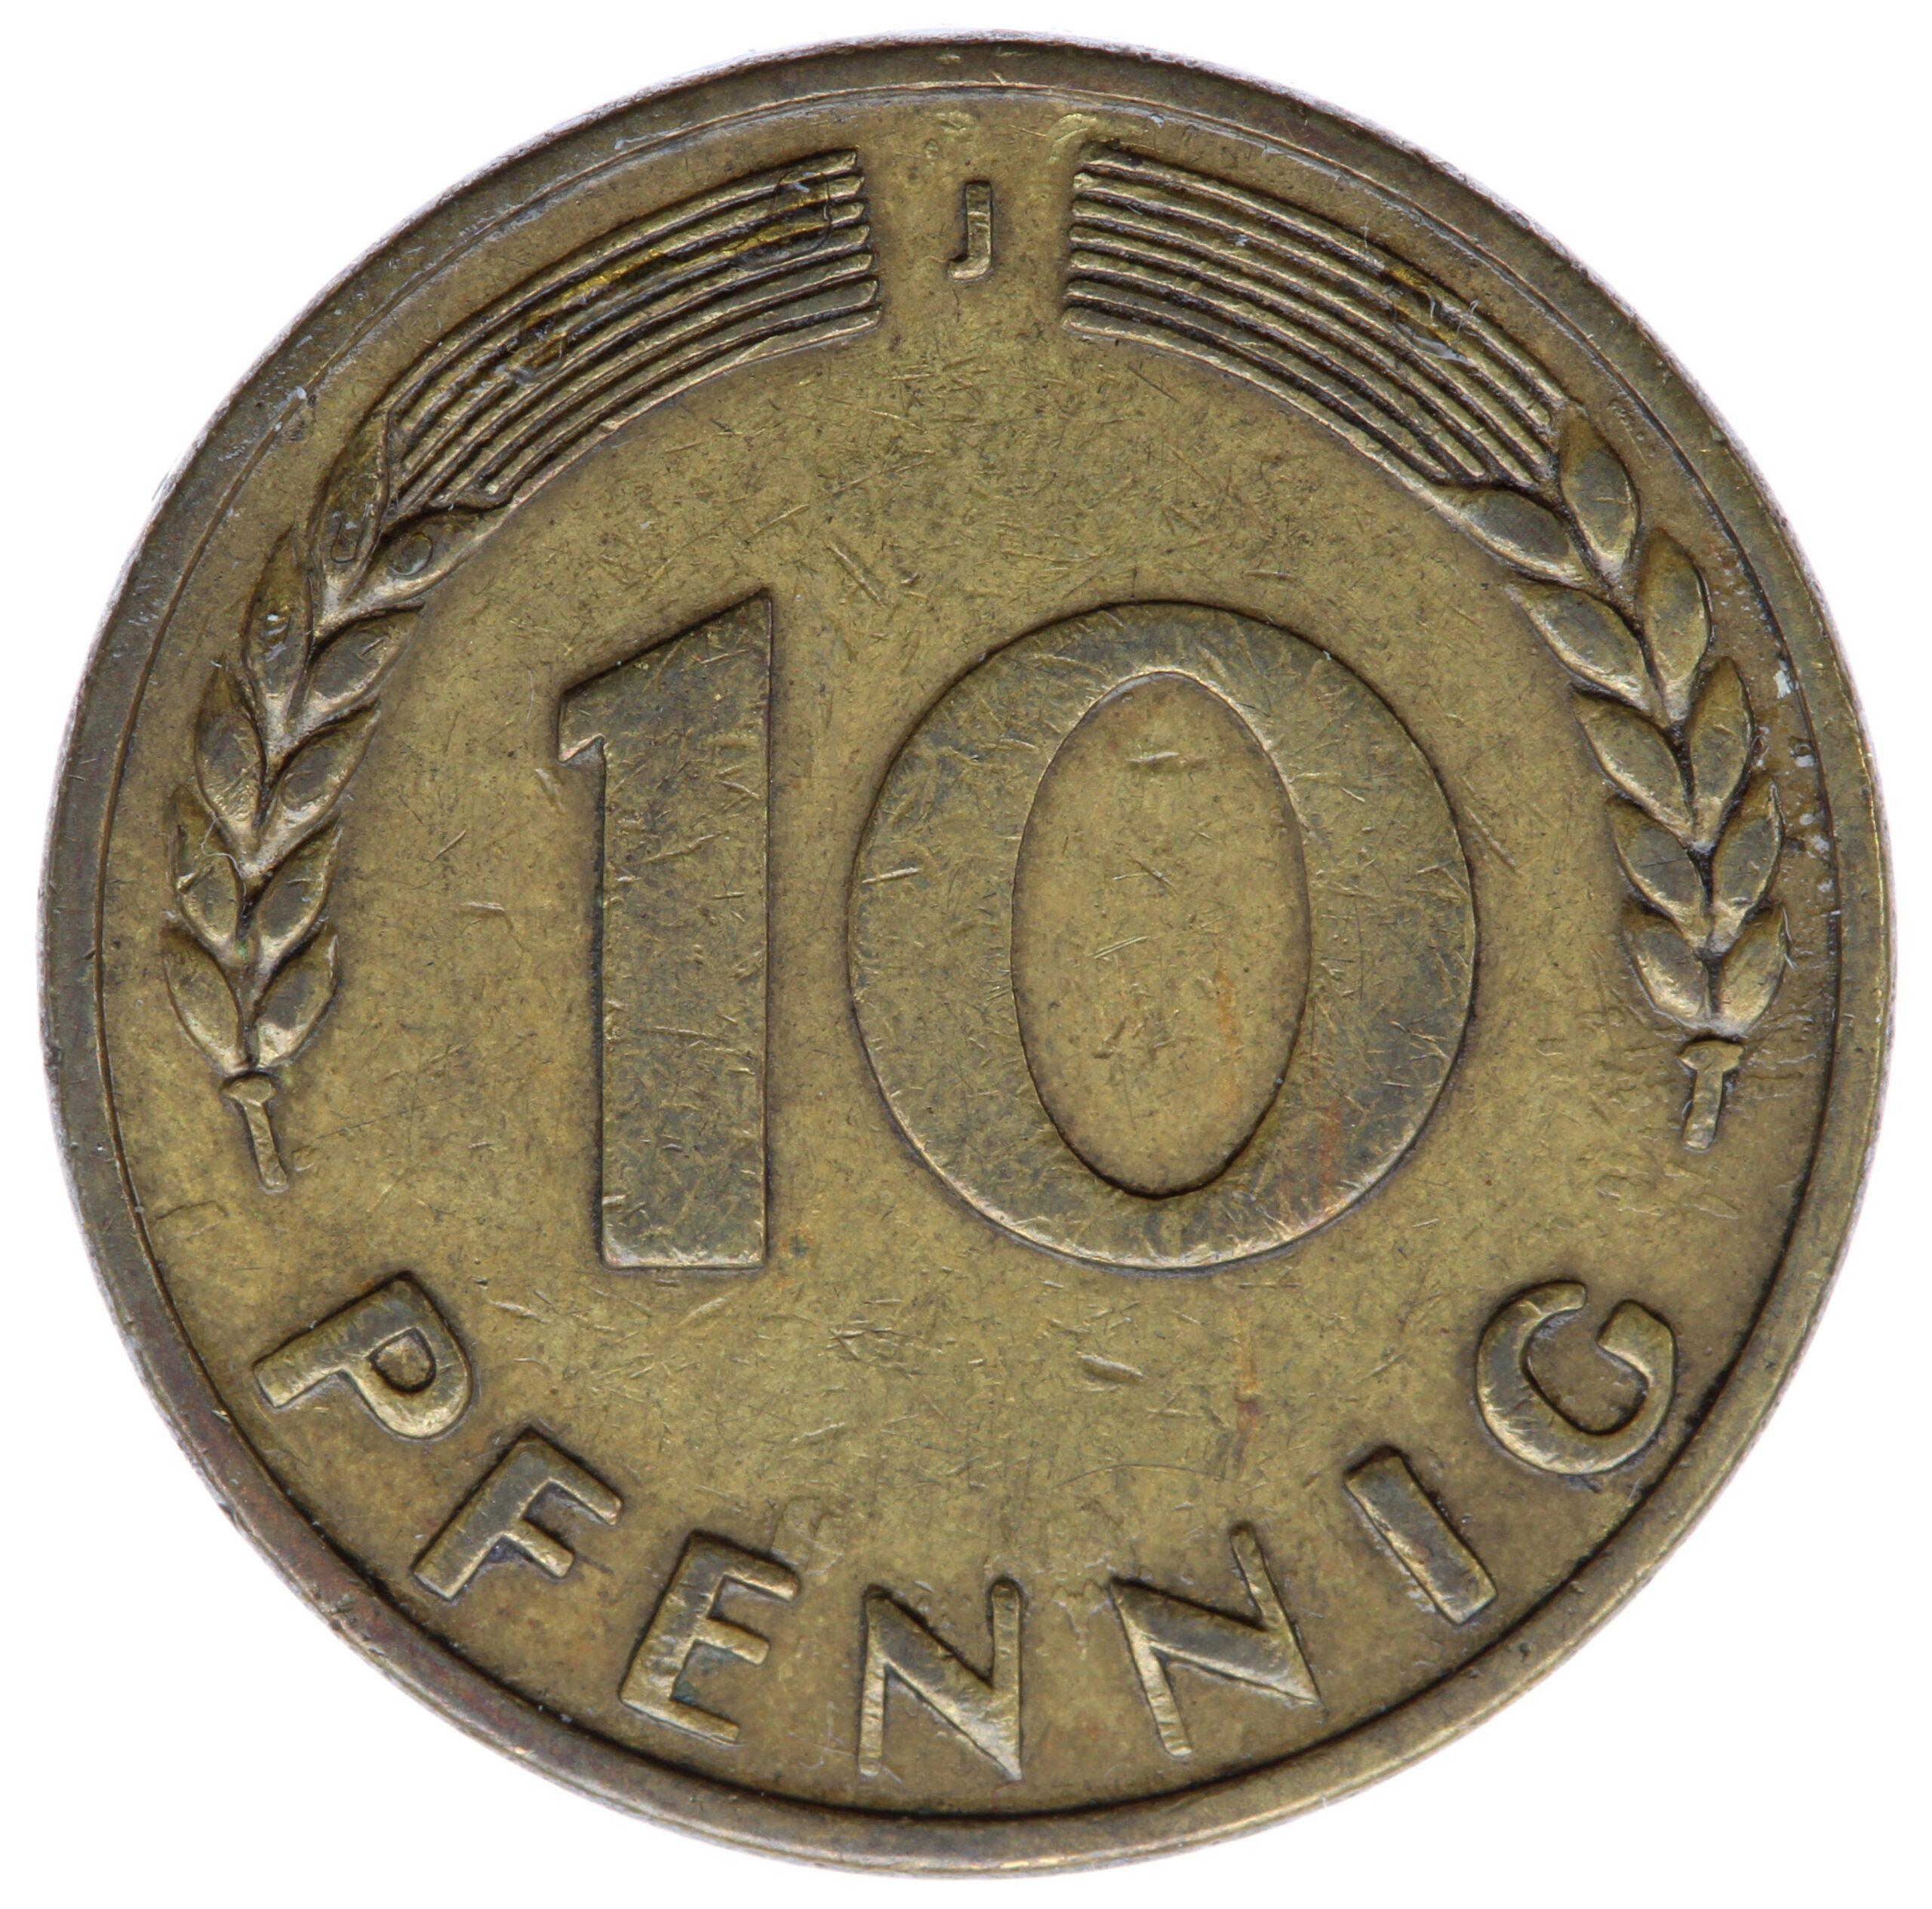 DE 10 Pfennig 1949 J